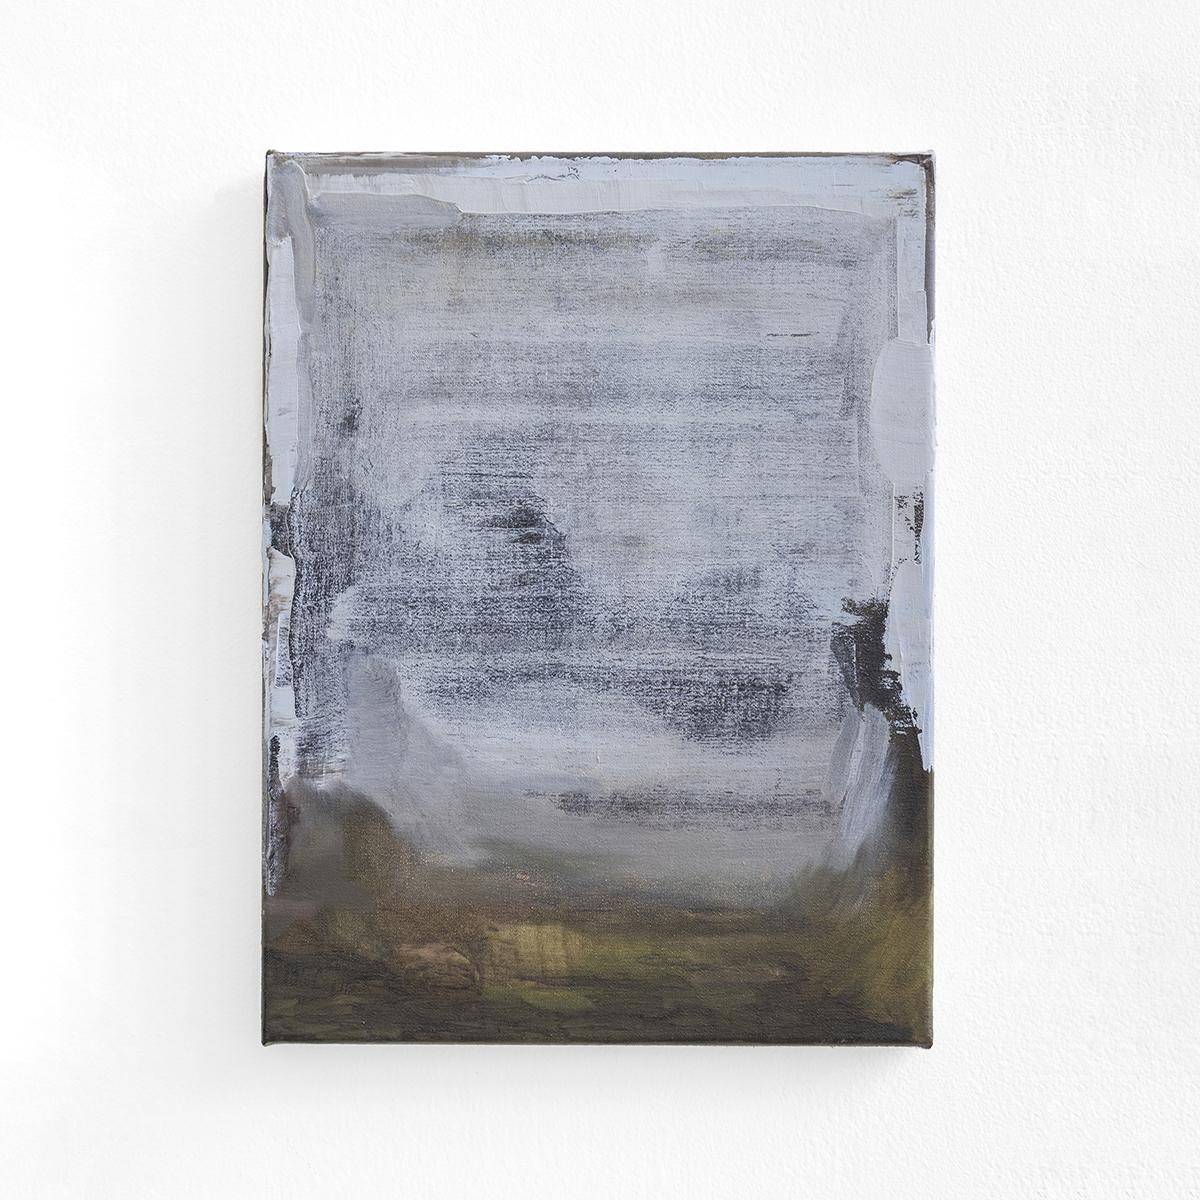 L'INVISIBILE di Nazzarena Poli Maramotti (2019). 40 x 30 cm. tec